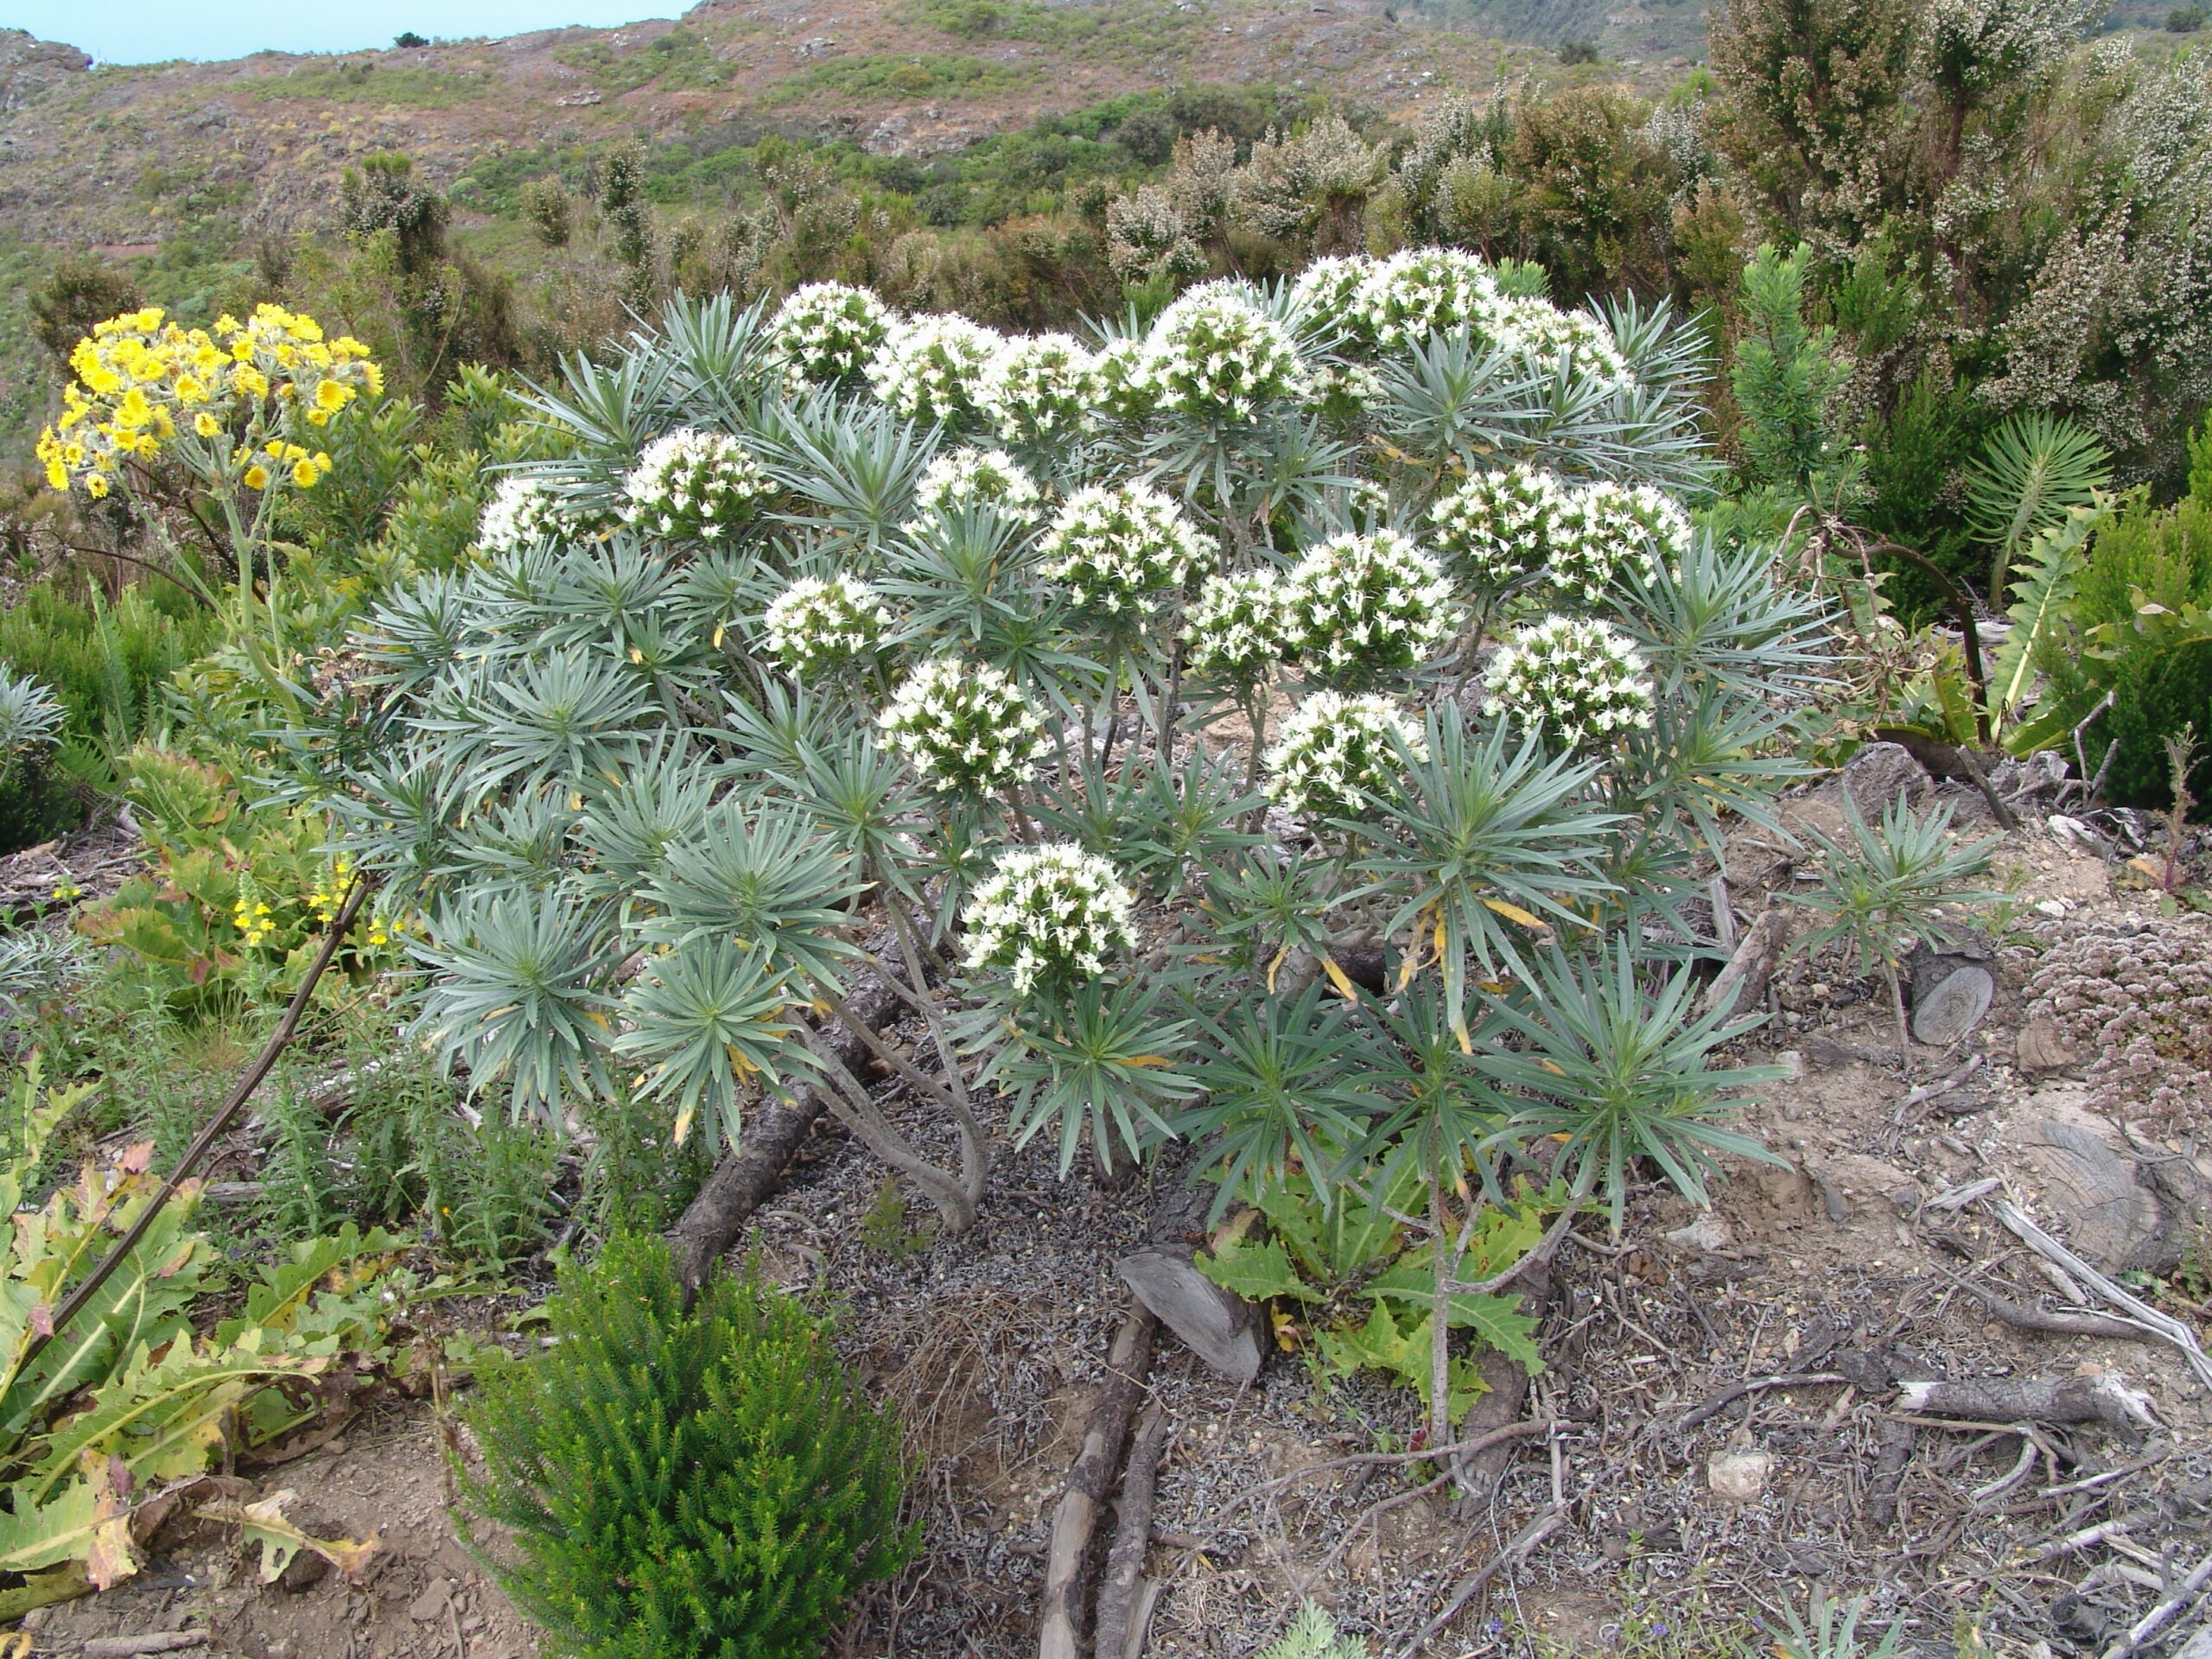 dsc08095-hojas-la-orilla-pista-dornajos-echium-leucophaeum-2-scaled.jpg